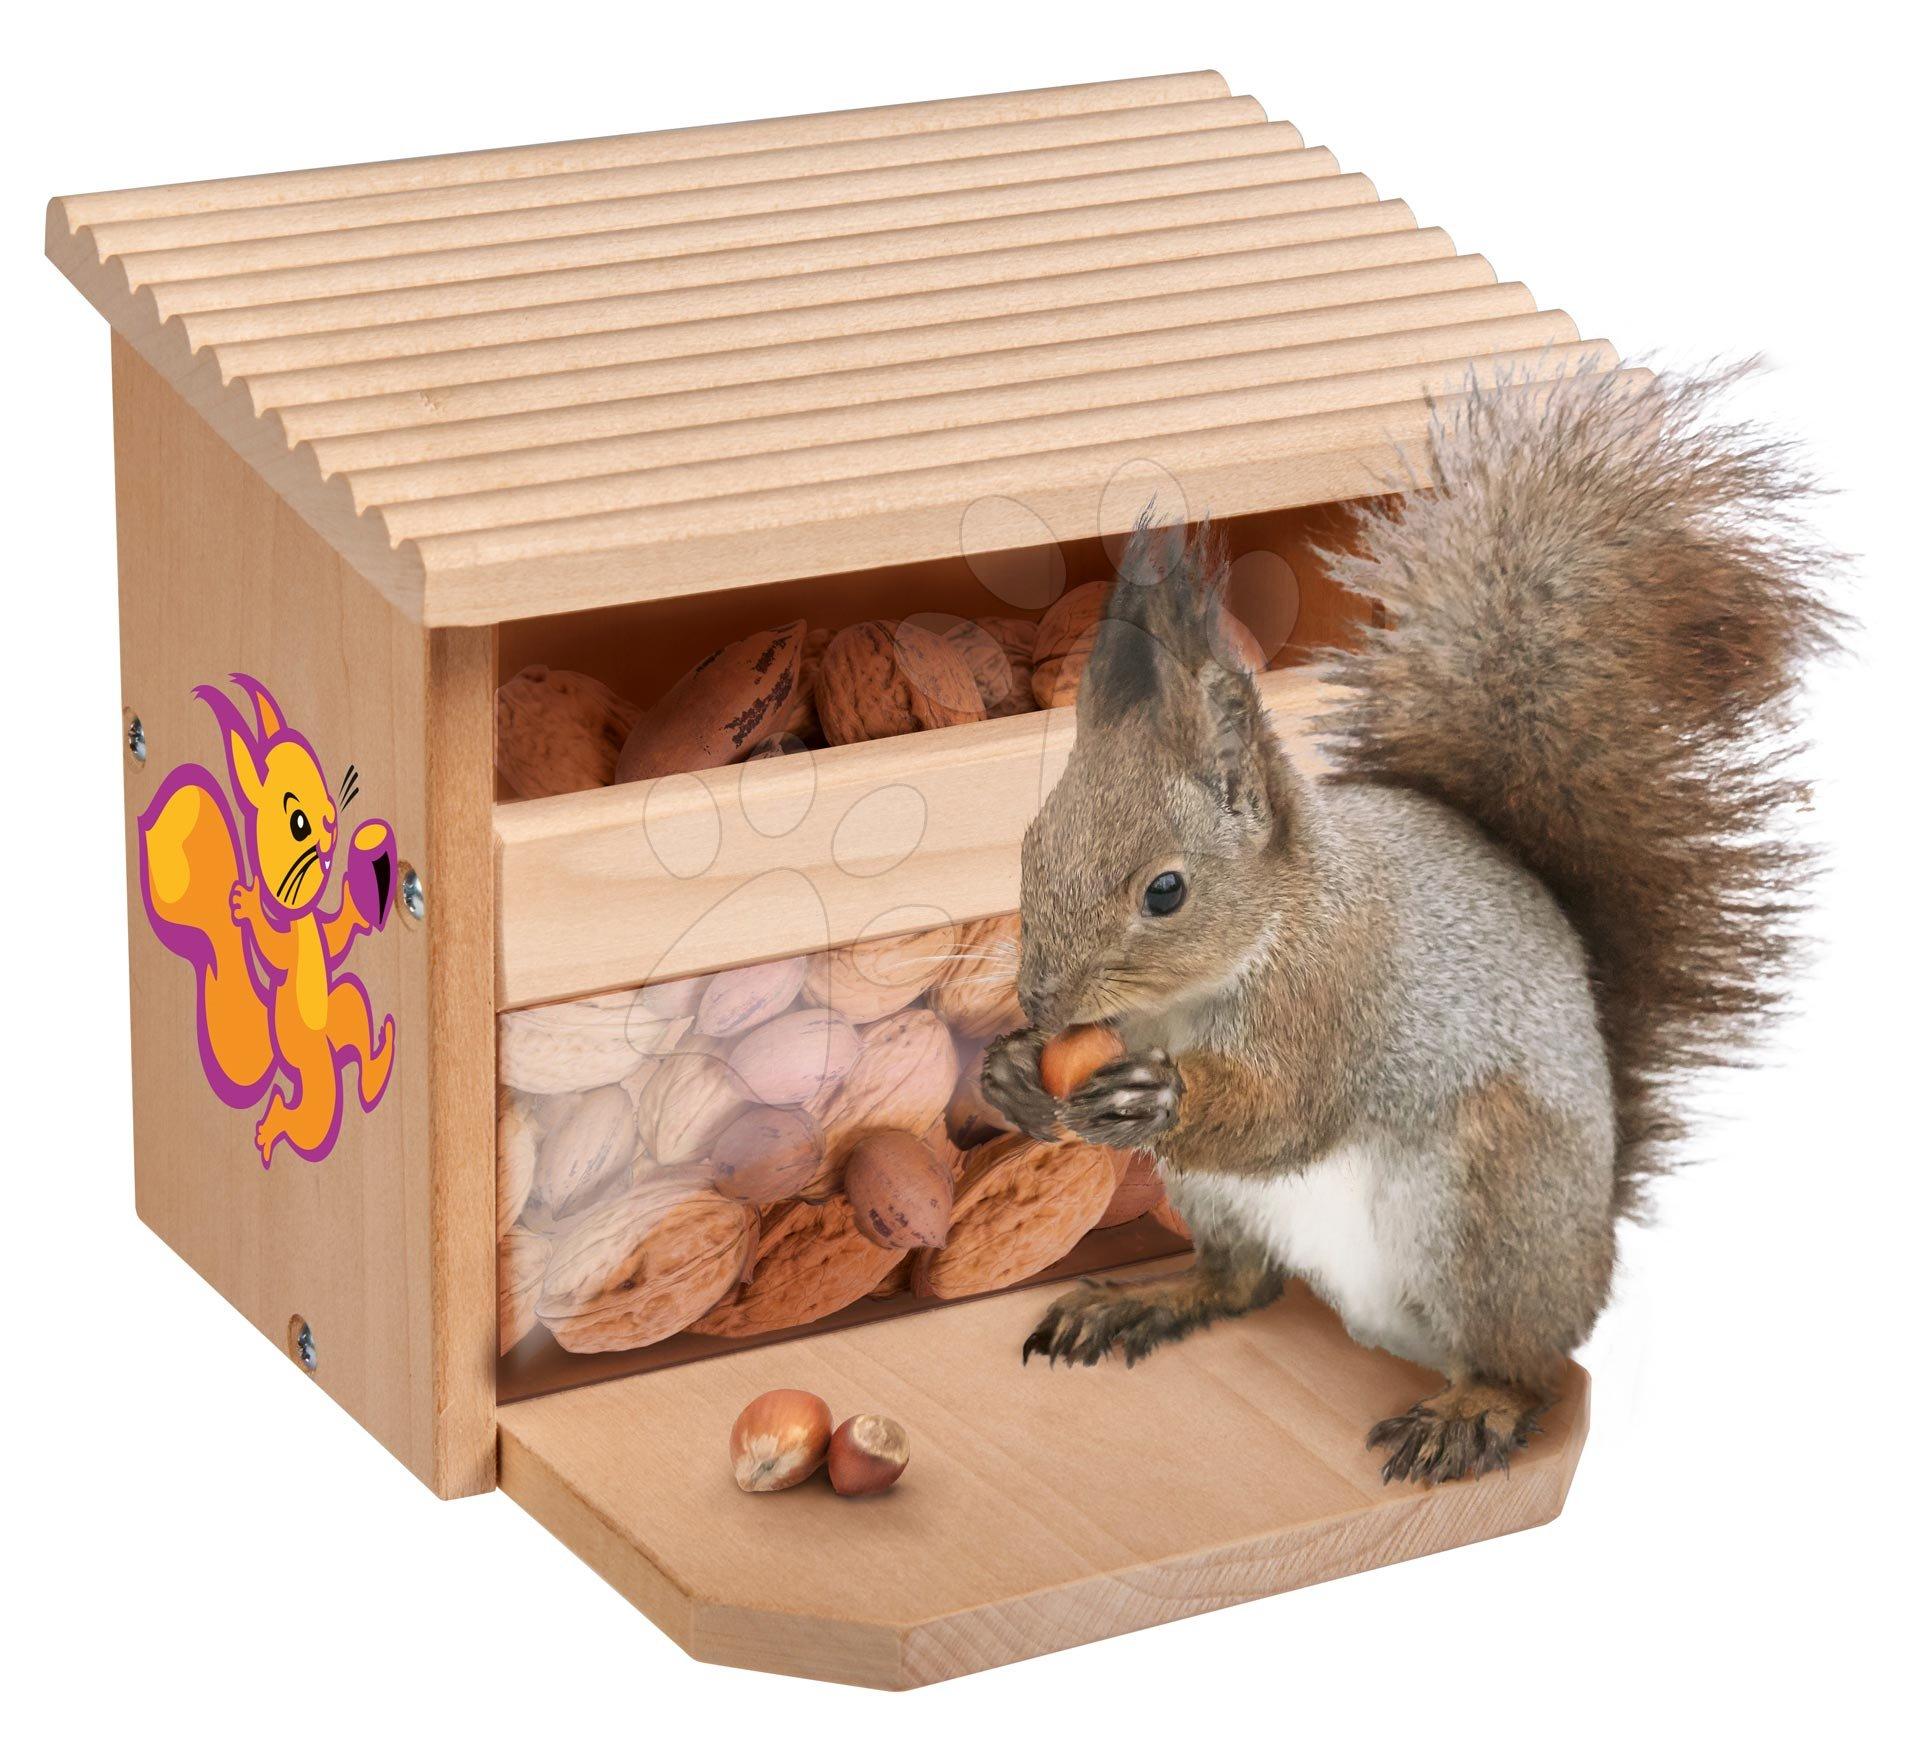 Hrănitoare din lemn pentru veveriță Outdoor Feeding Squirell House Eichhorn Asamblează și colorează - cu creioane colorate 17x18x15 cm de la 6 ani EH4586